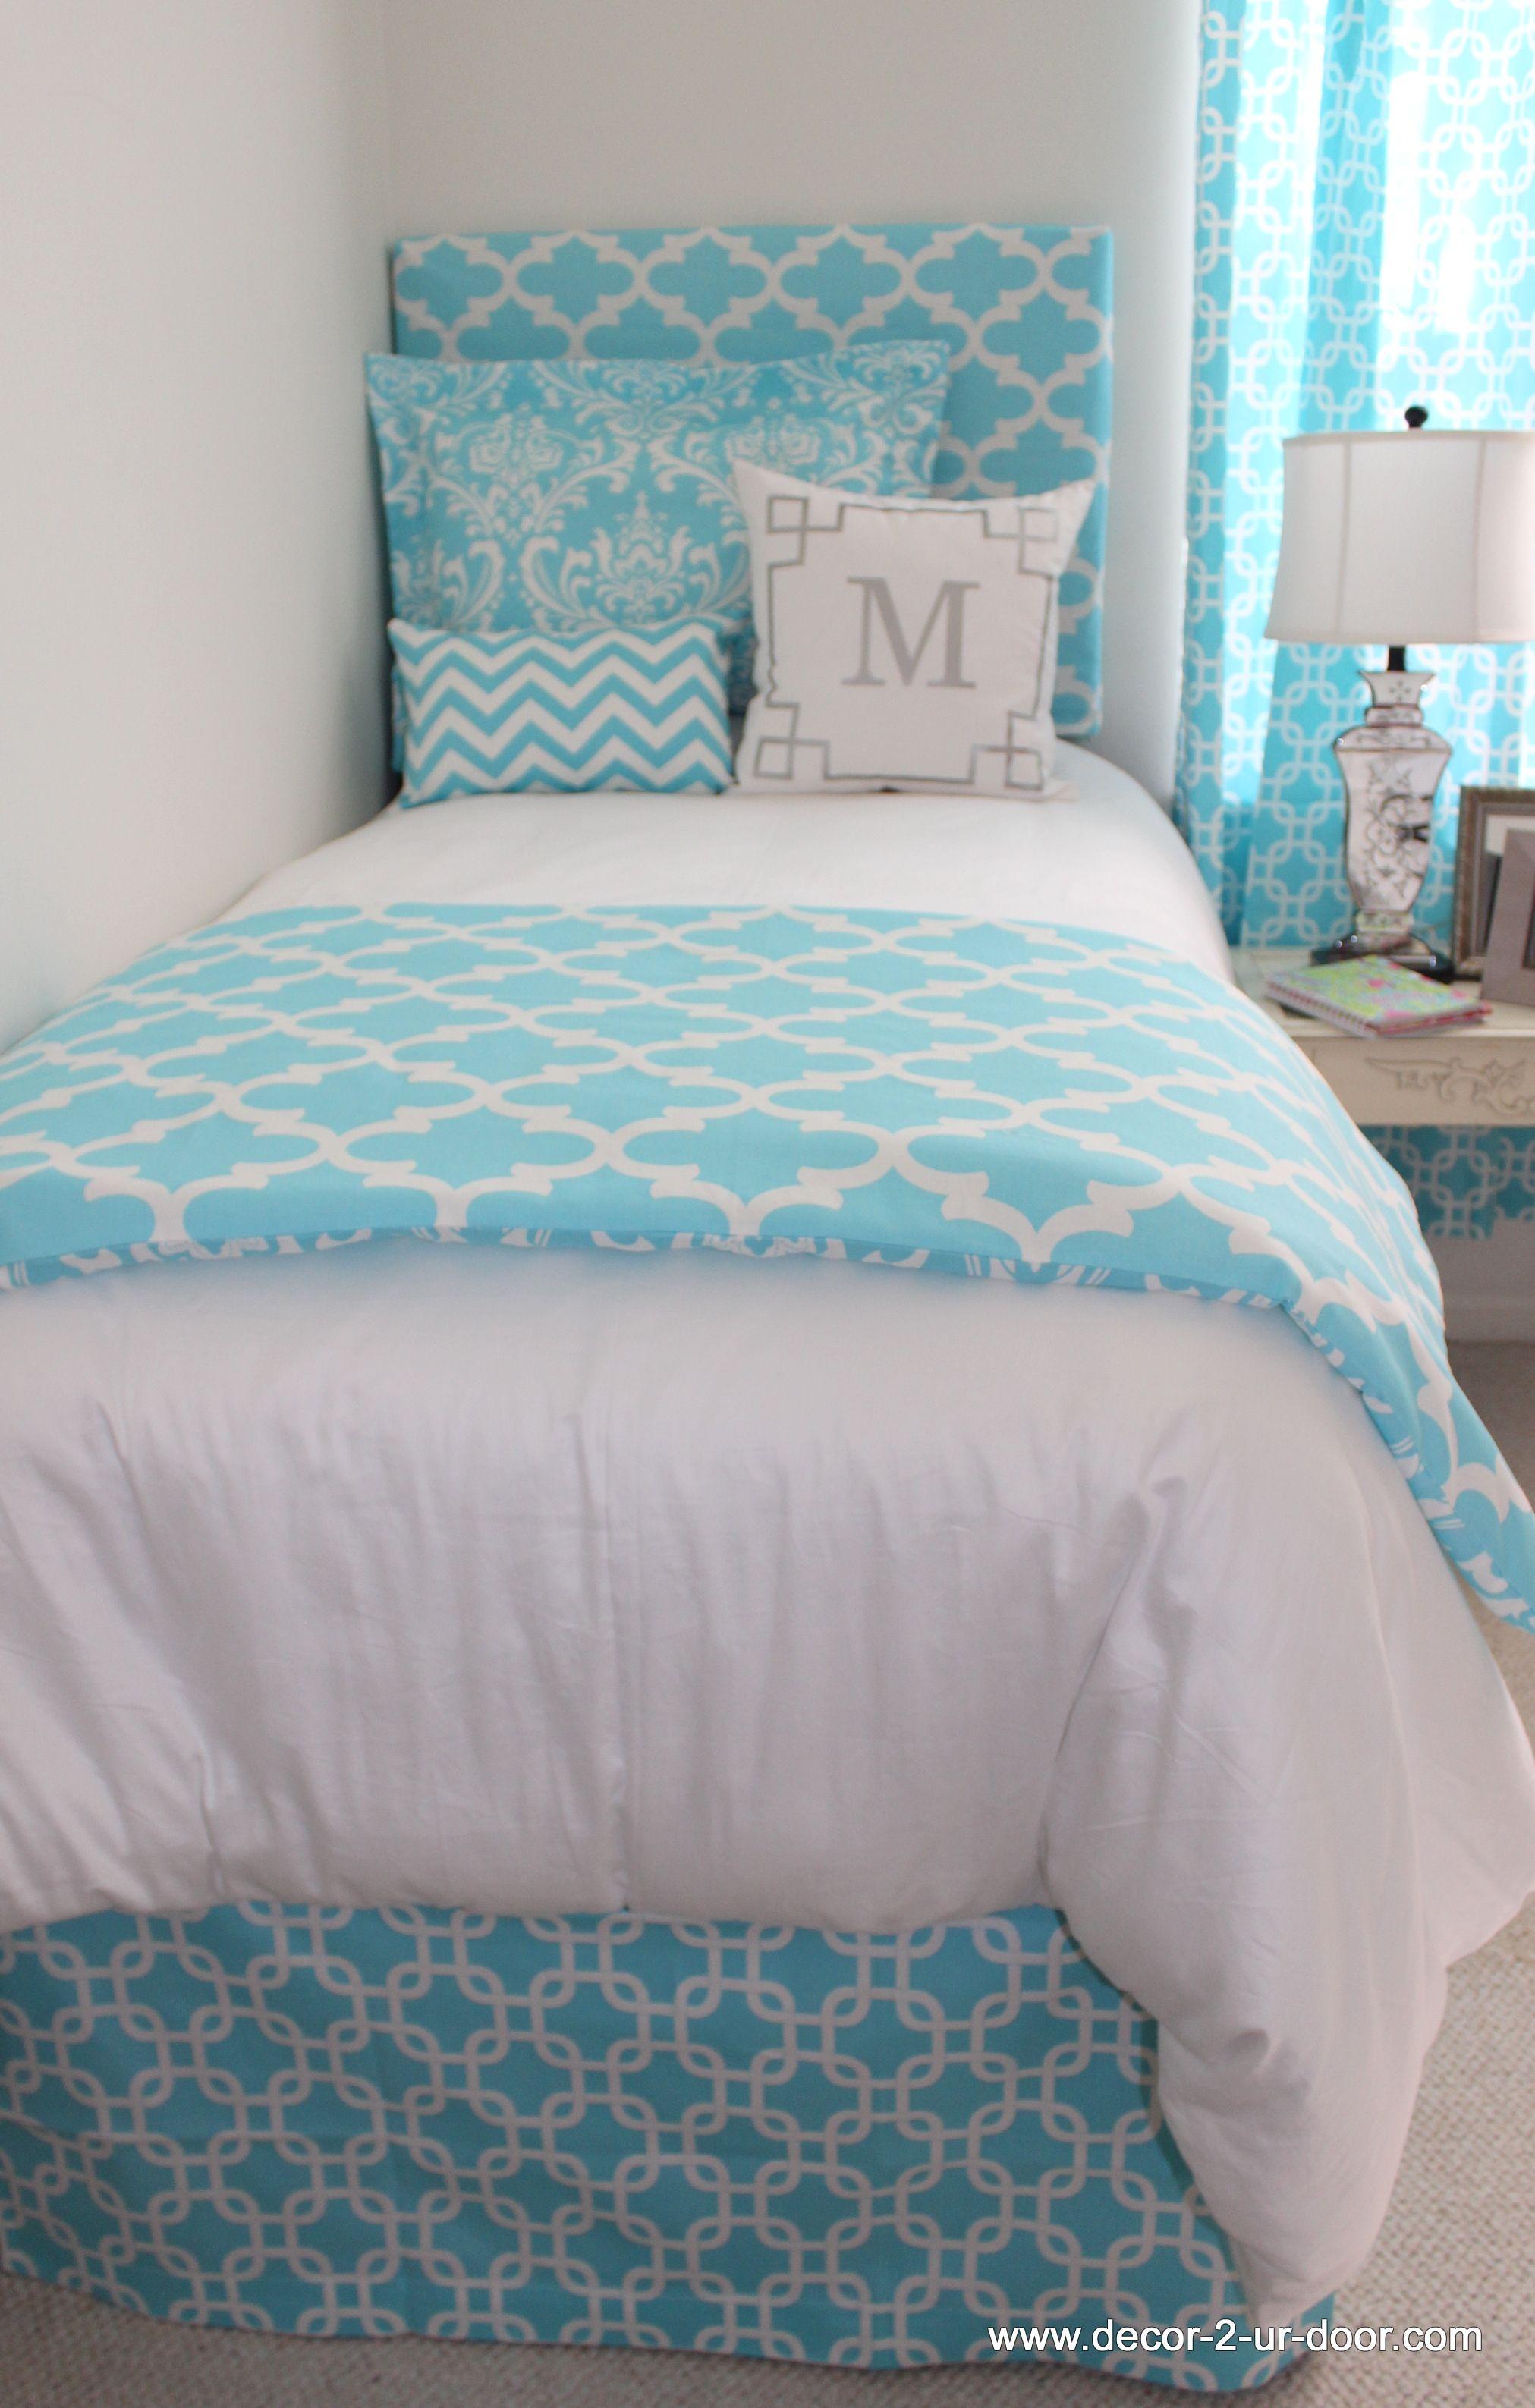 faire une t te de lit pareil que la housse de couette et changer de t te de lit avec la housse. Black Bedroom Furniture Sets. Home Design Ideas